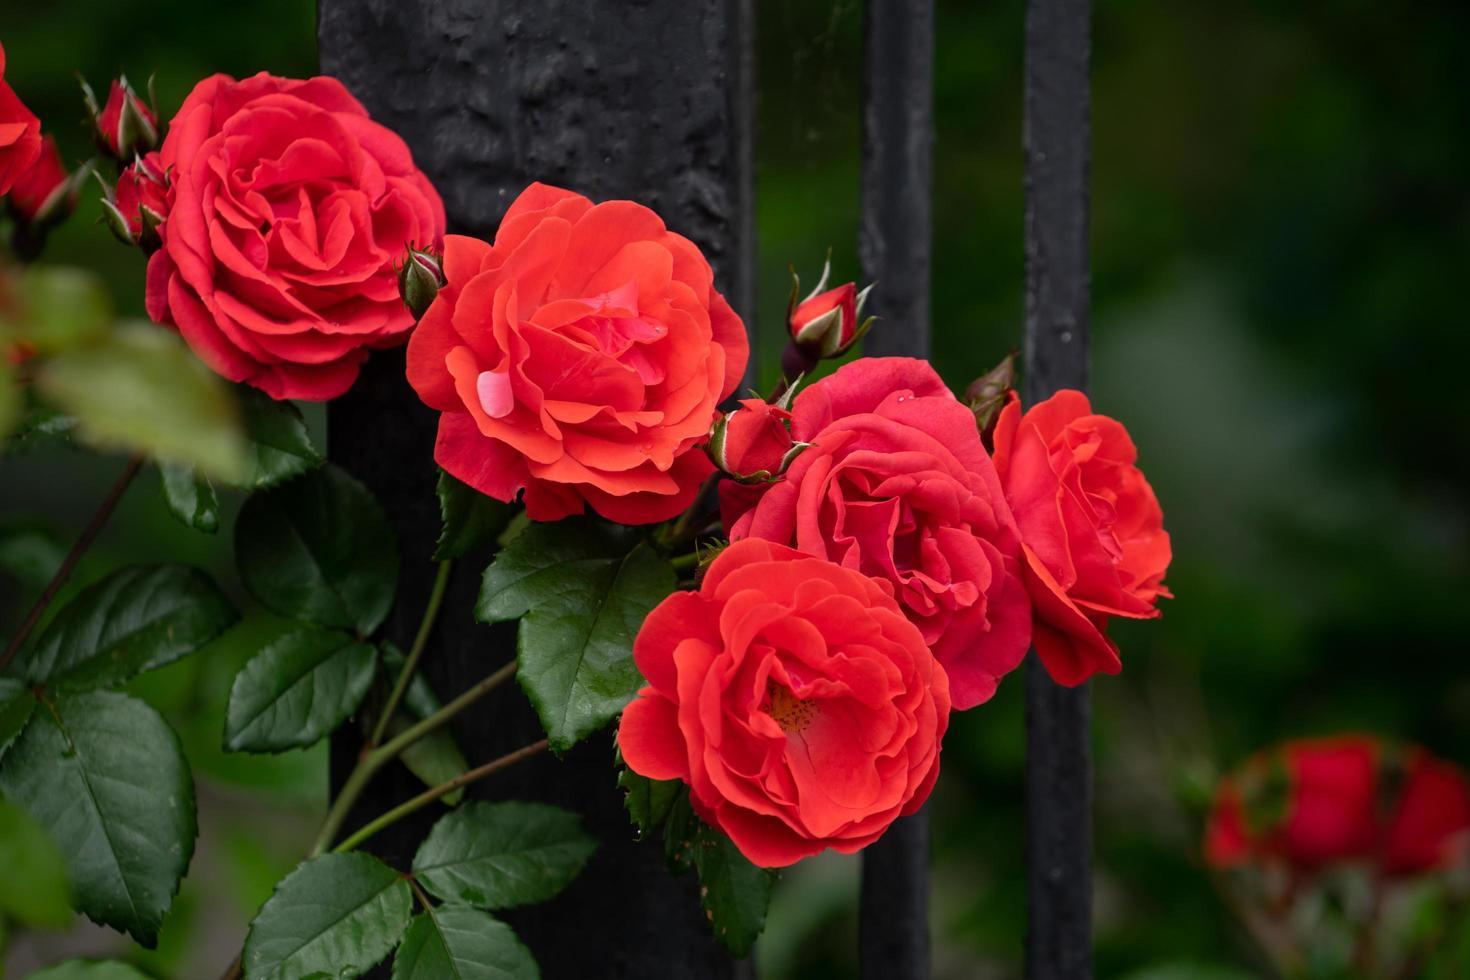 rode rozen op een struik in een tuin foto